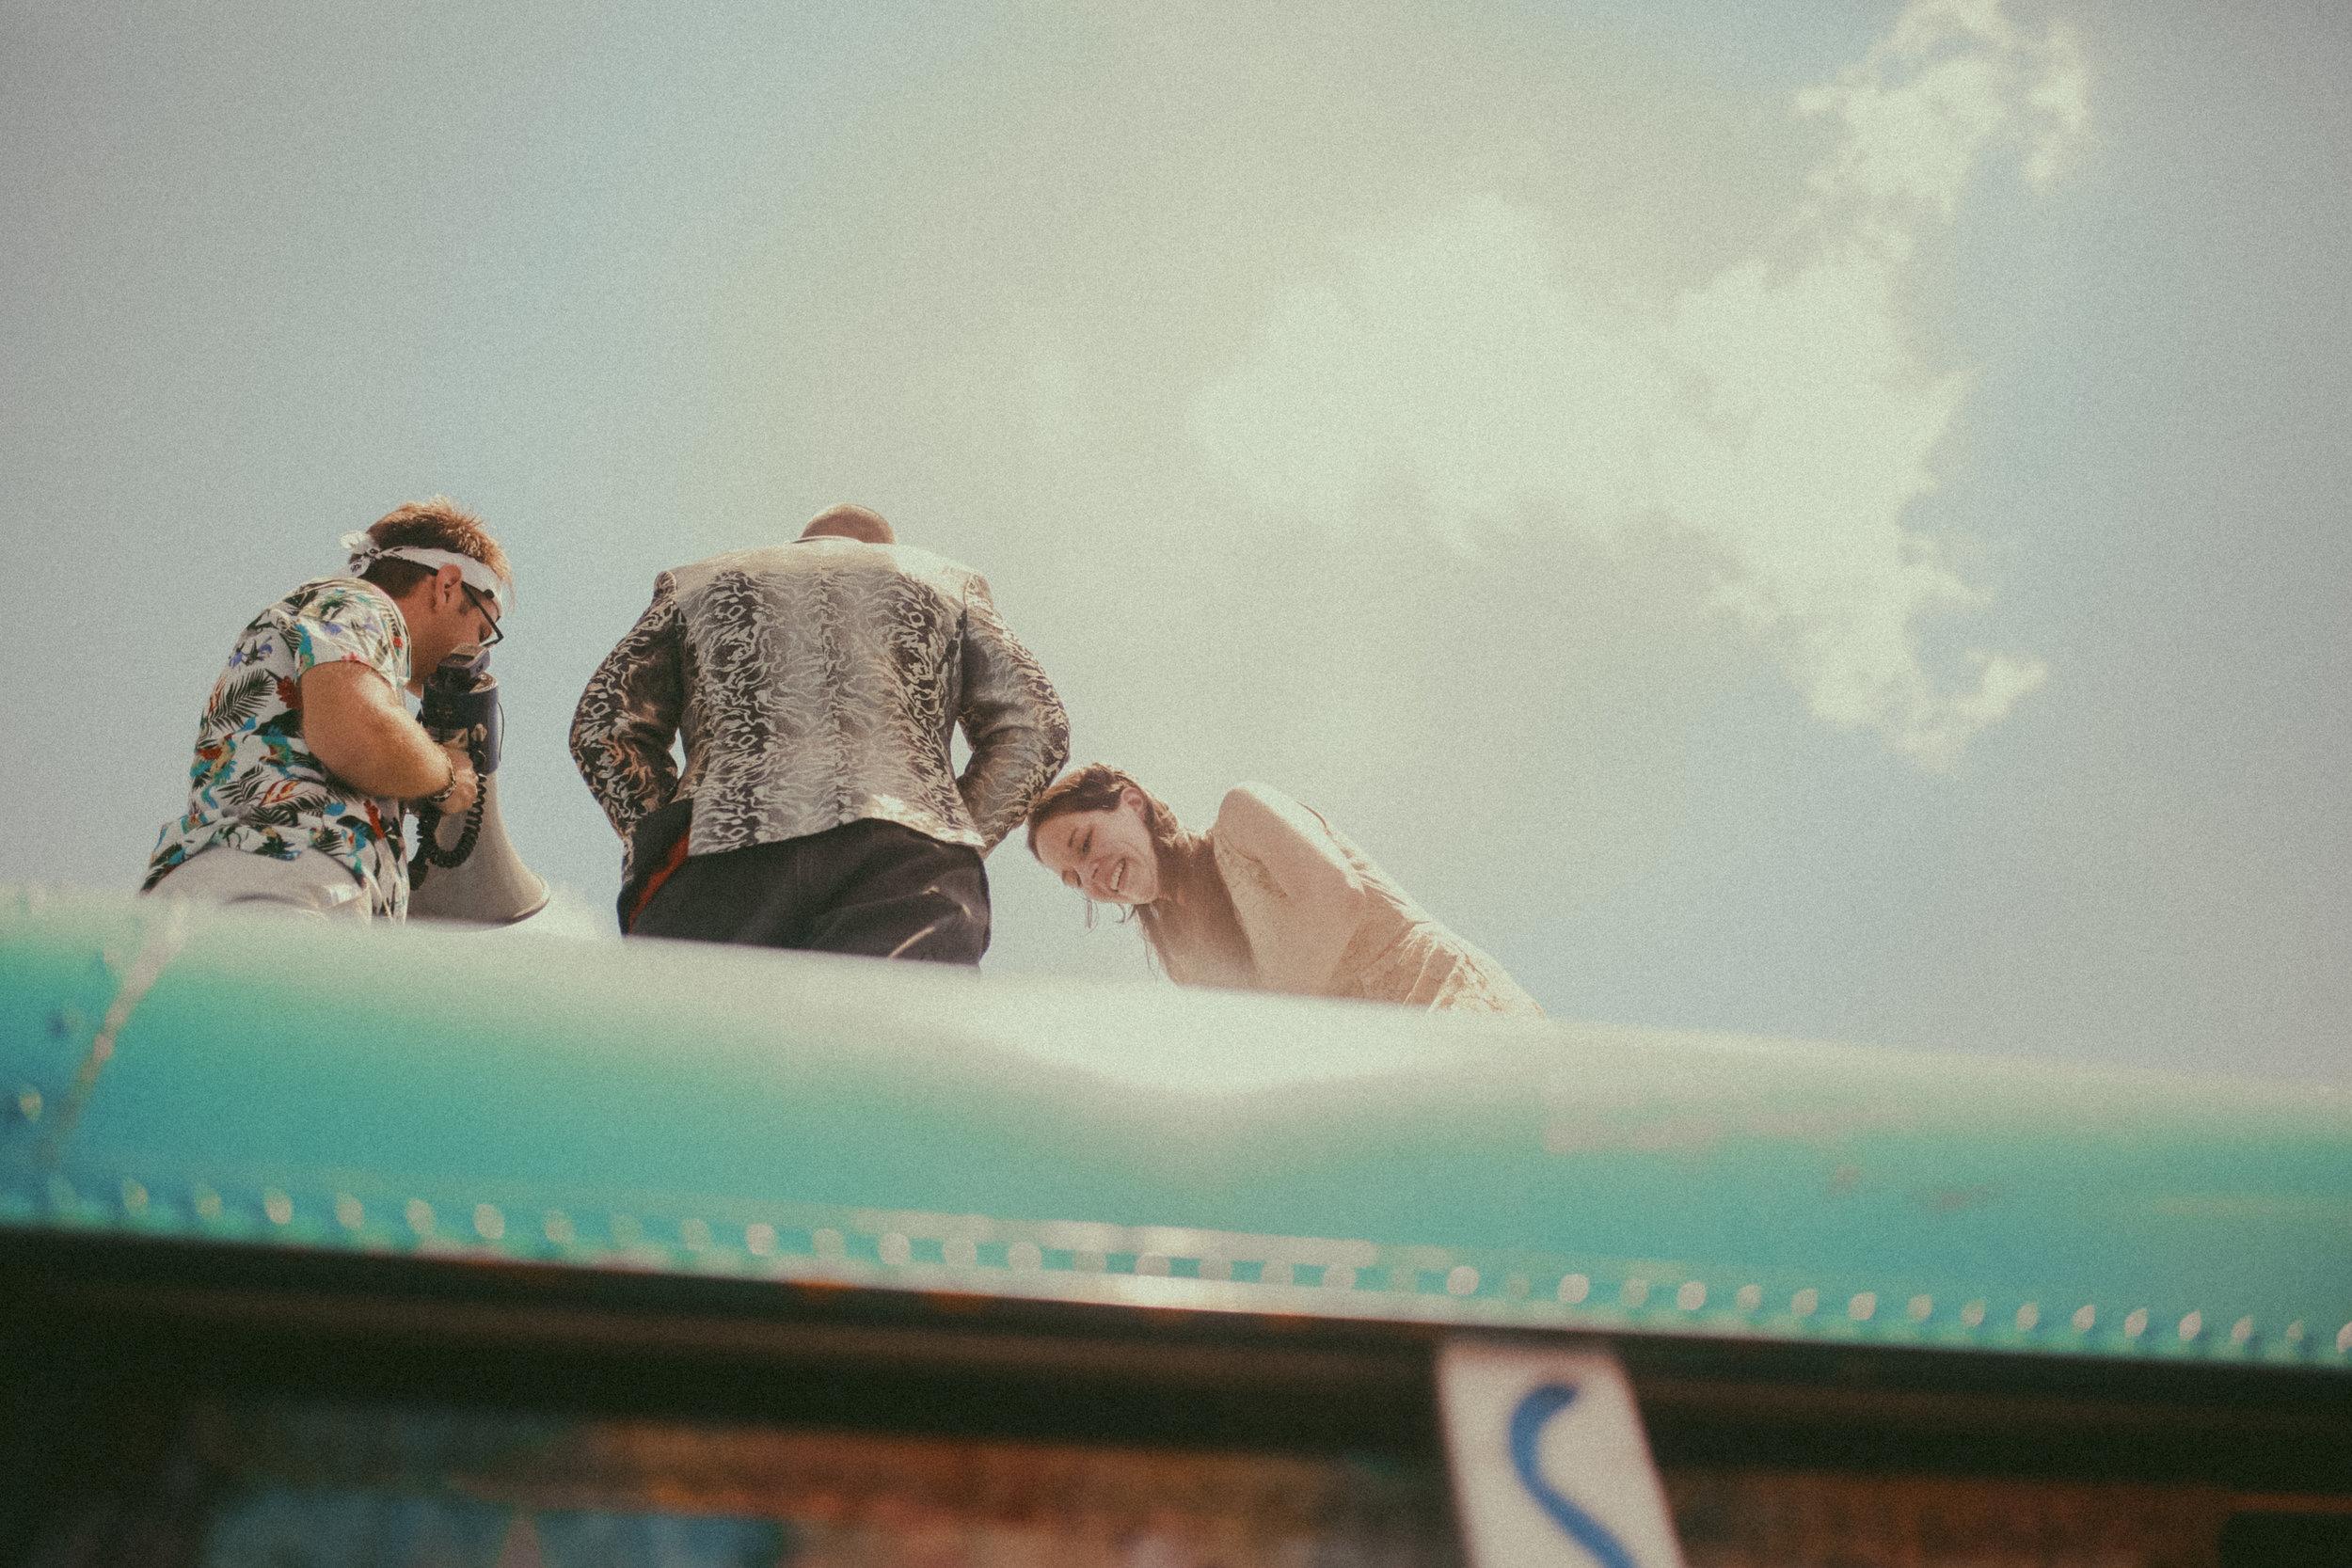 Bonnaroo-MusicFestivalWedding-Brittany&Kevin-25.jpg